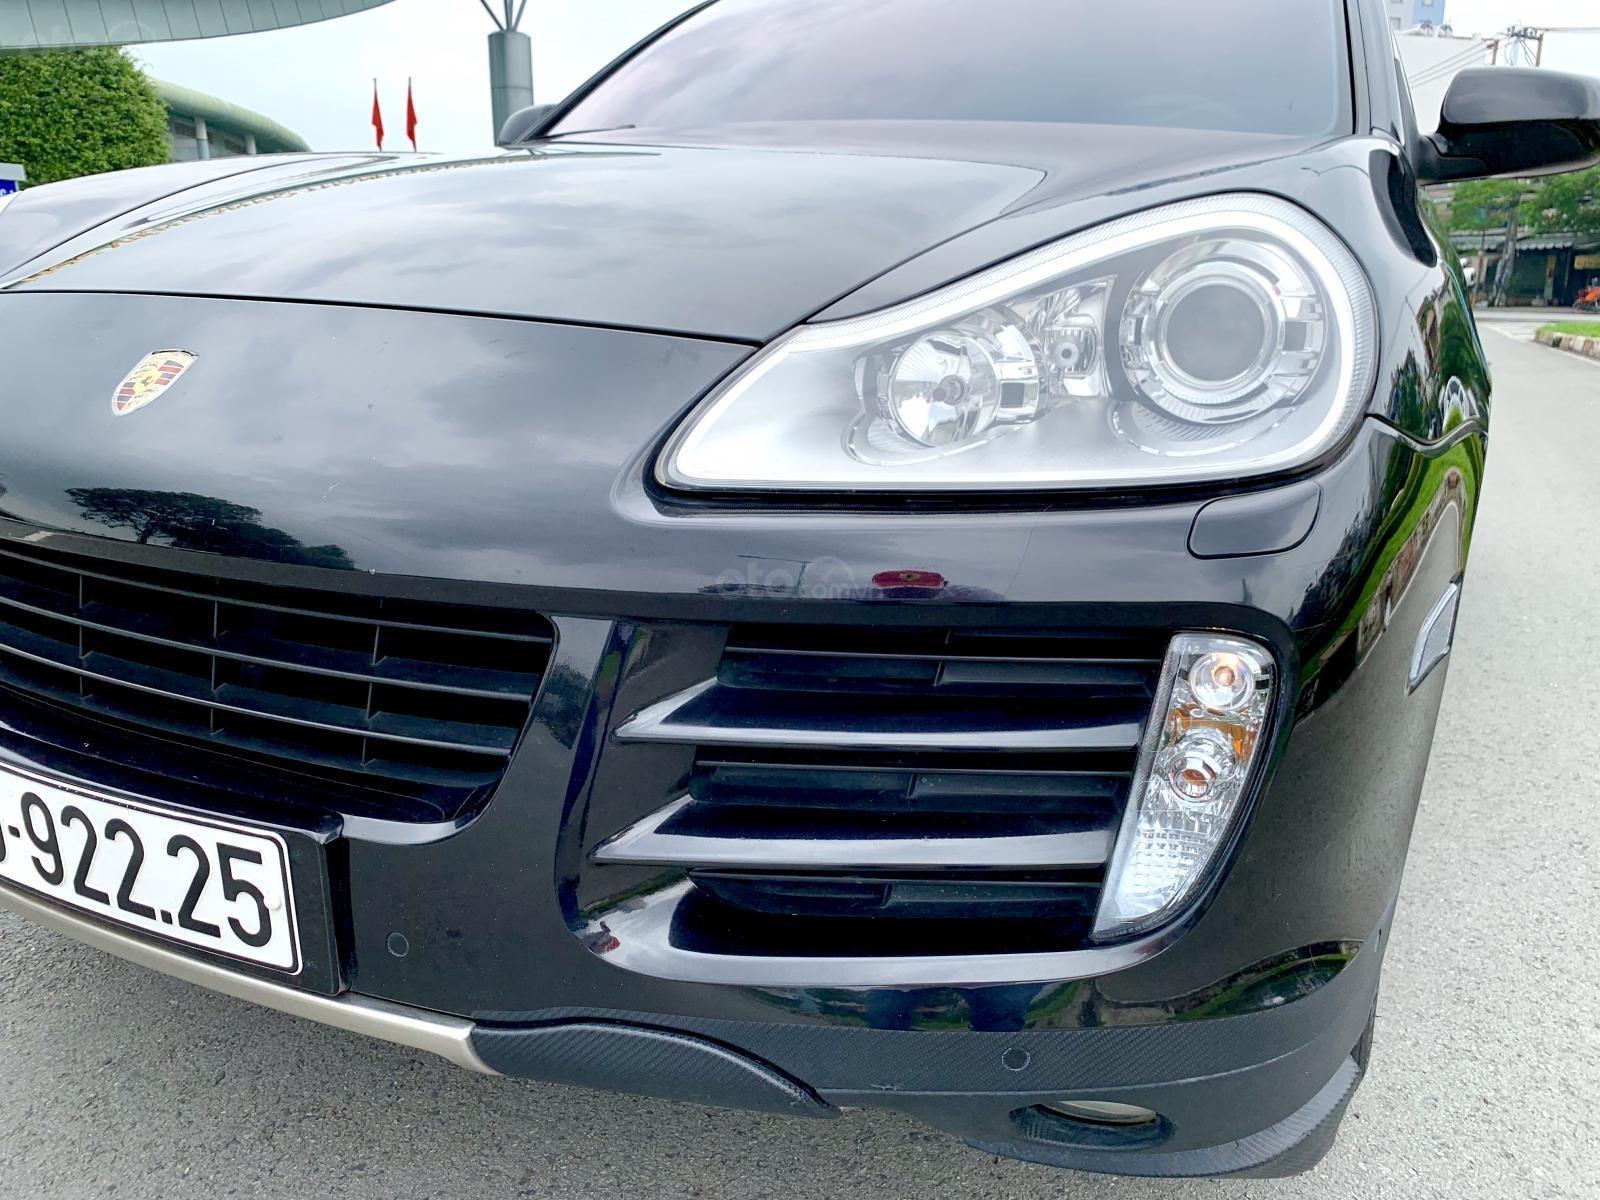 Porsche Cayenne nhập mới 2009 hàng hiếm, có chạy đúng 68 ngàn (3)